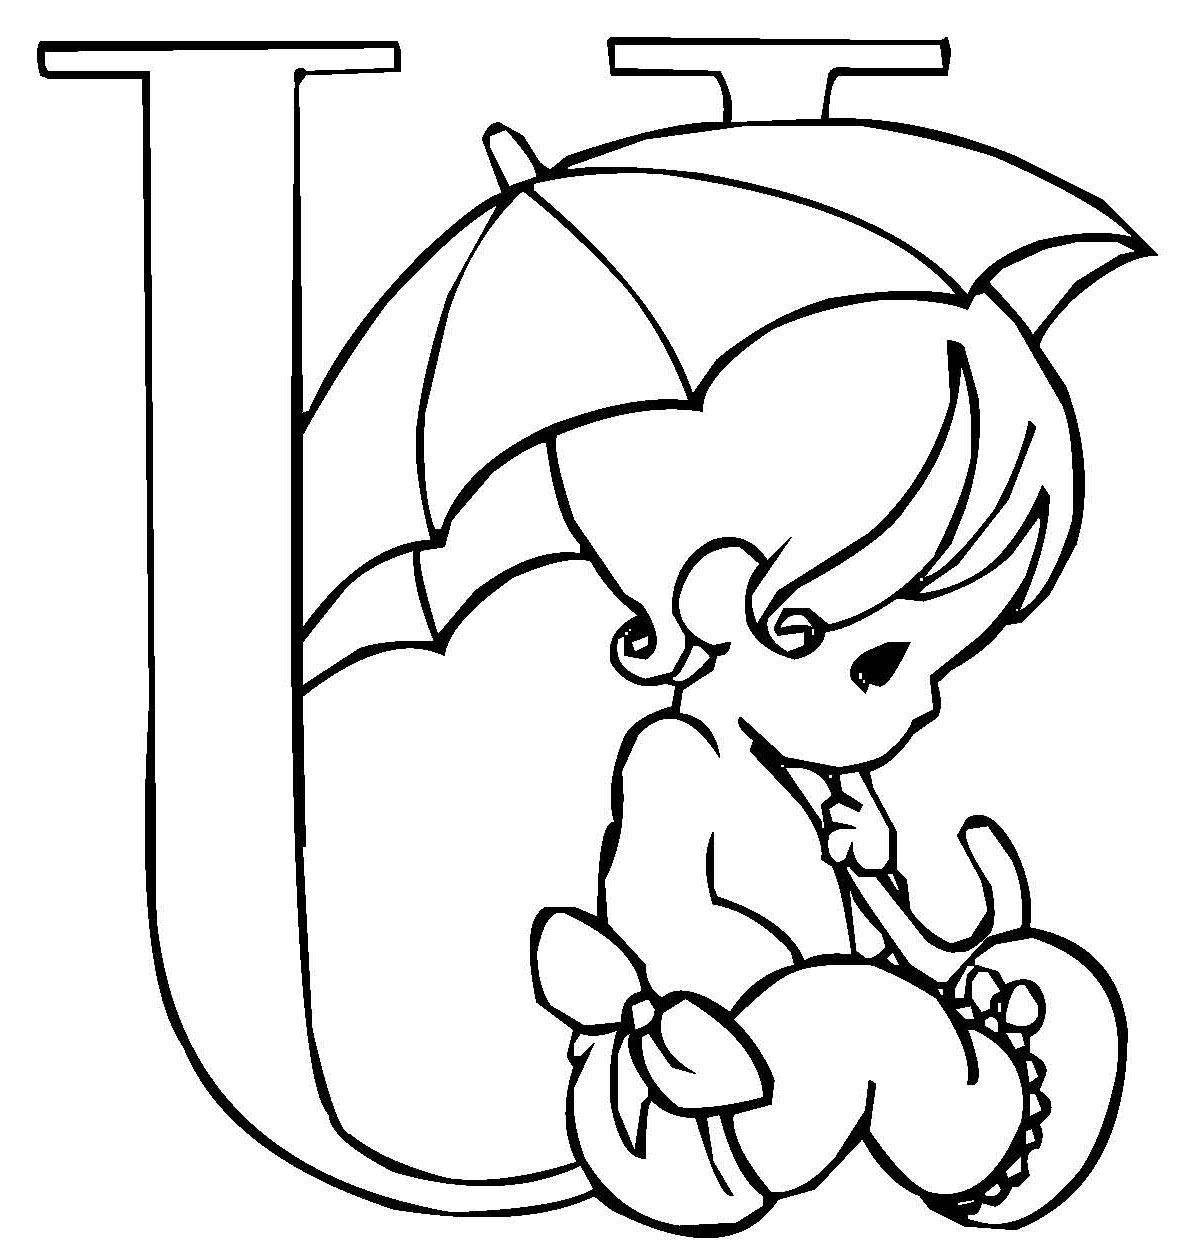 Ausmalbild Buchstaben Lernen Niedliche Schrift U Kostenlos Ausdrucken Alphabet Malvorlagen Ausmalen Ausmalbild